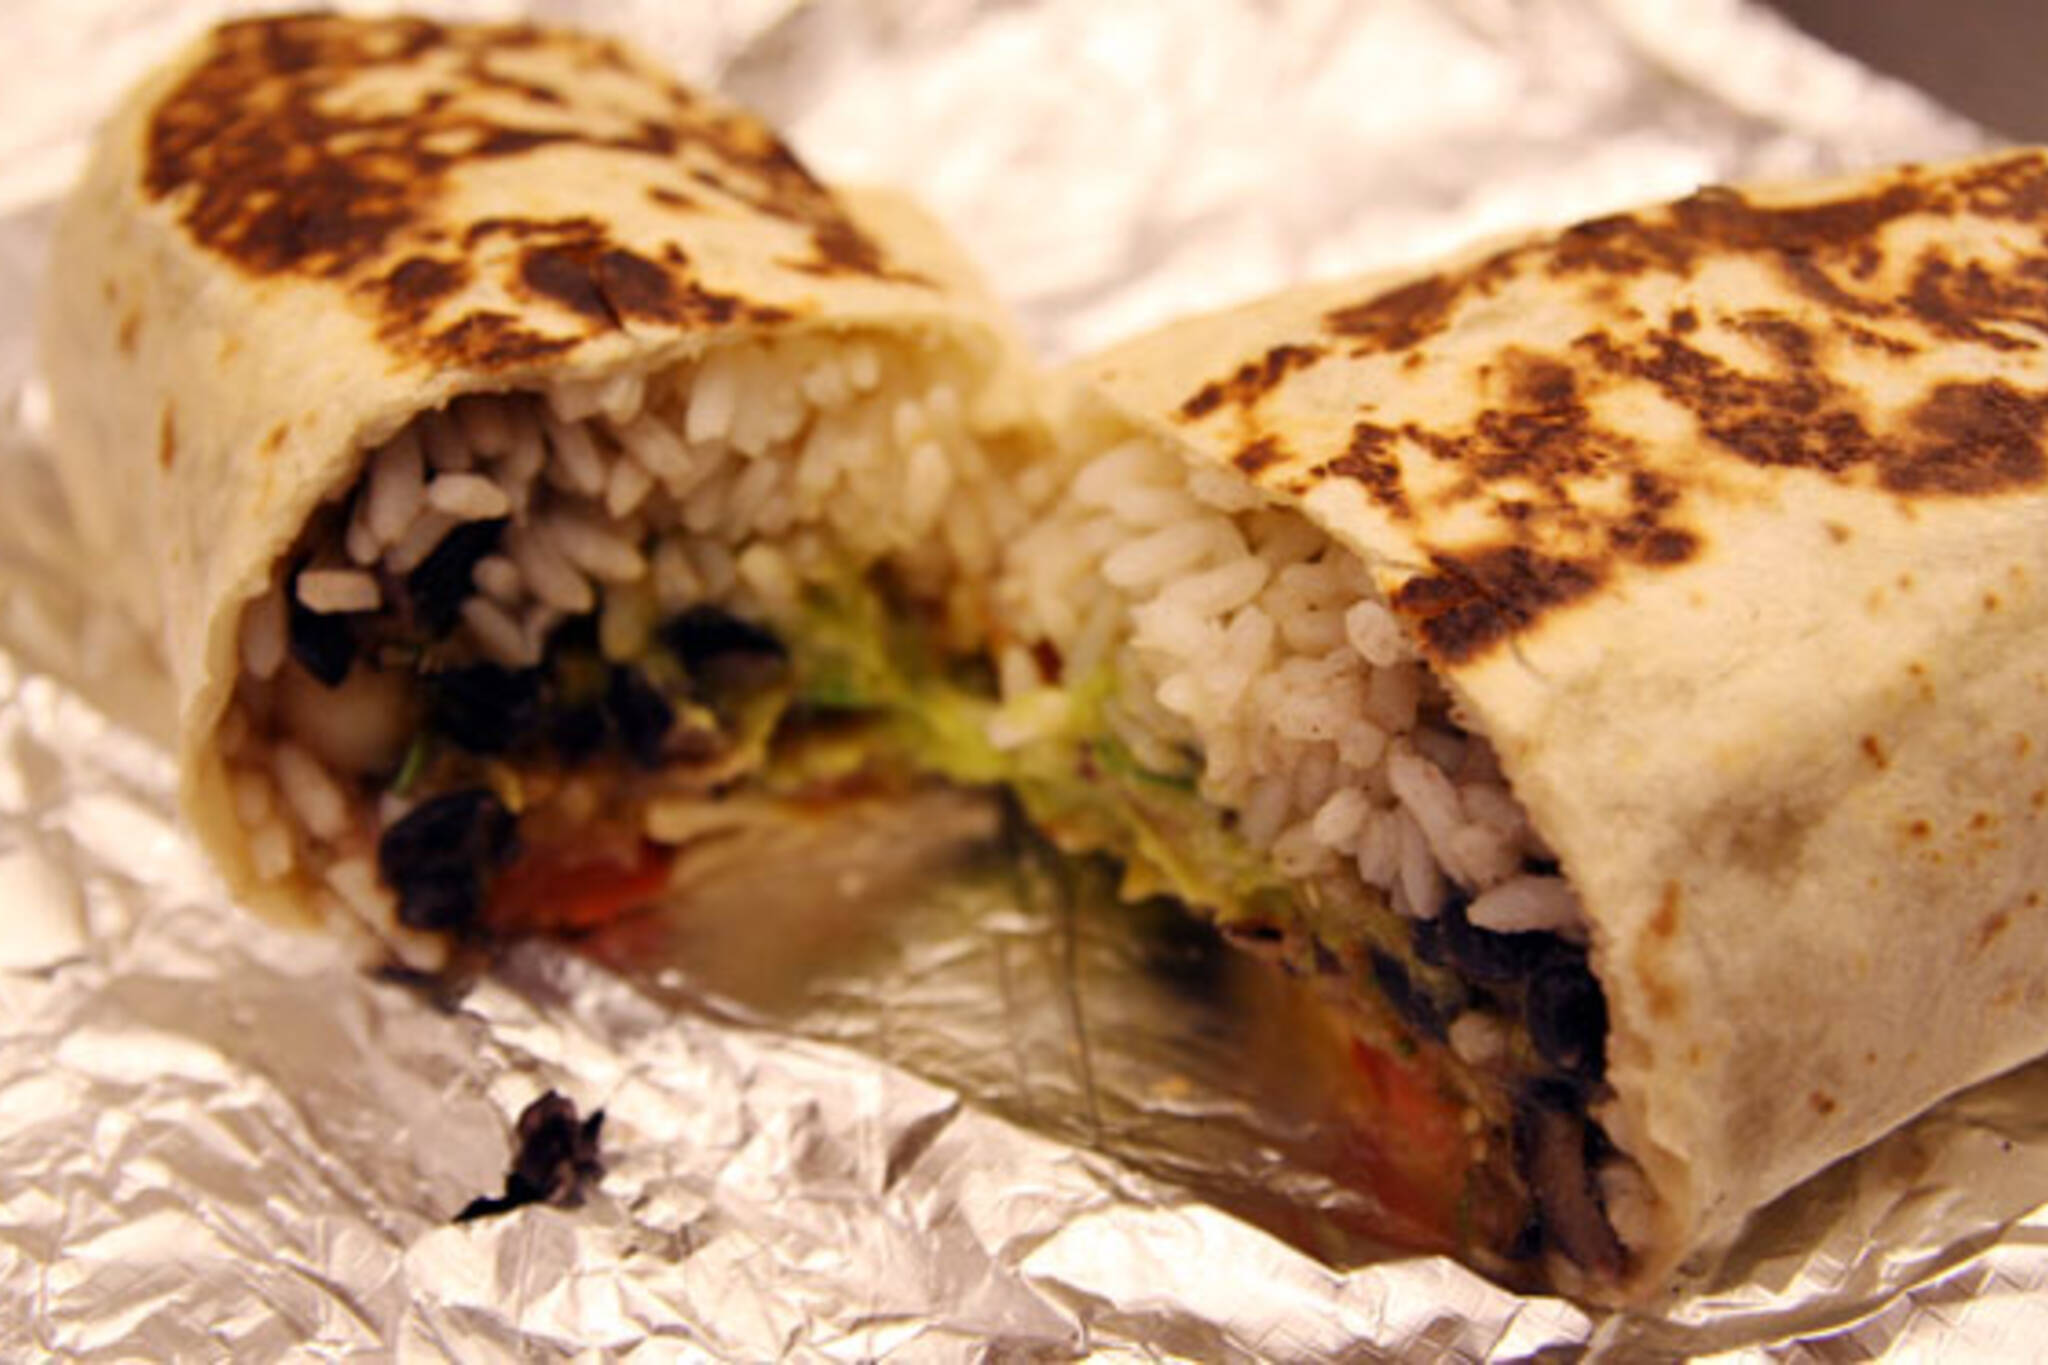 Zteca Burrito